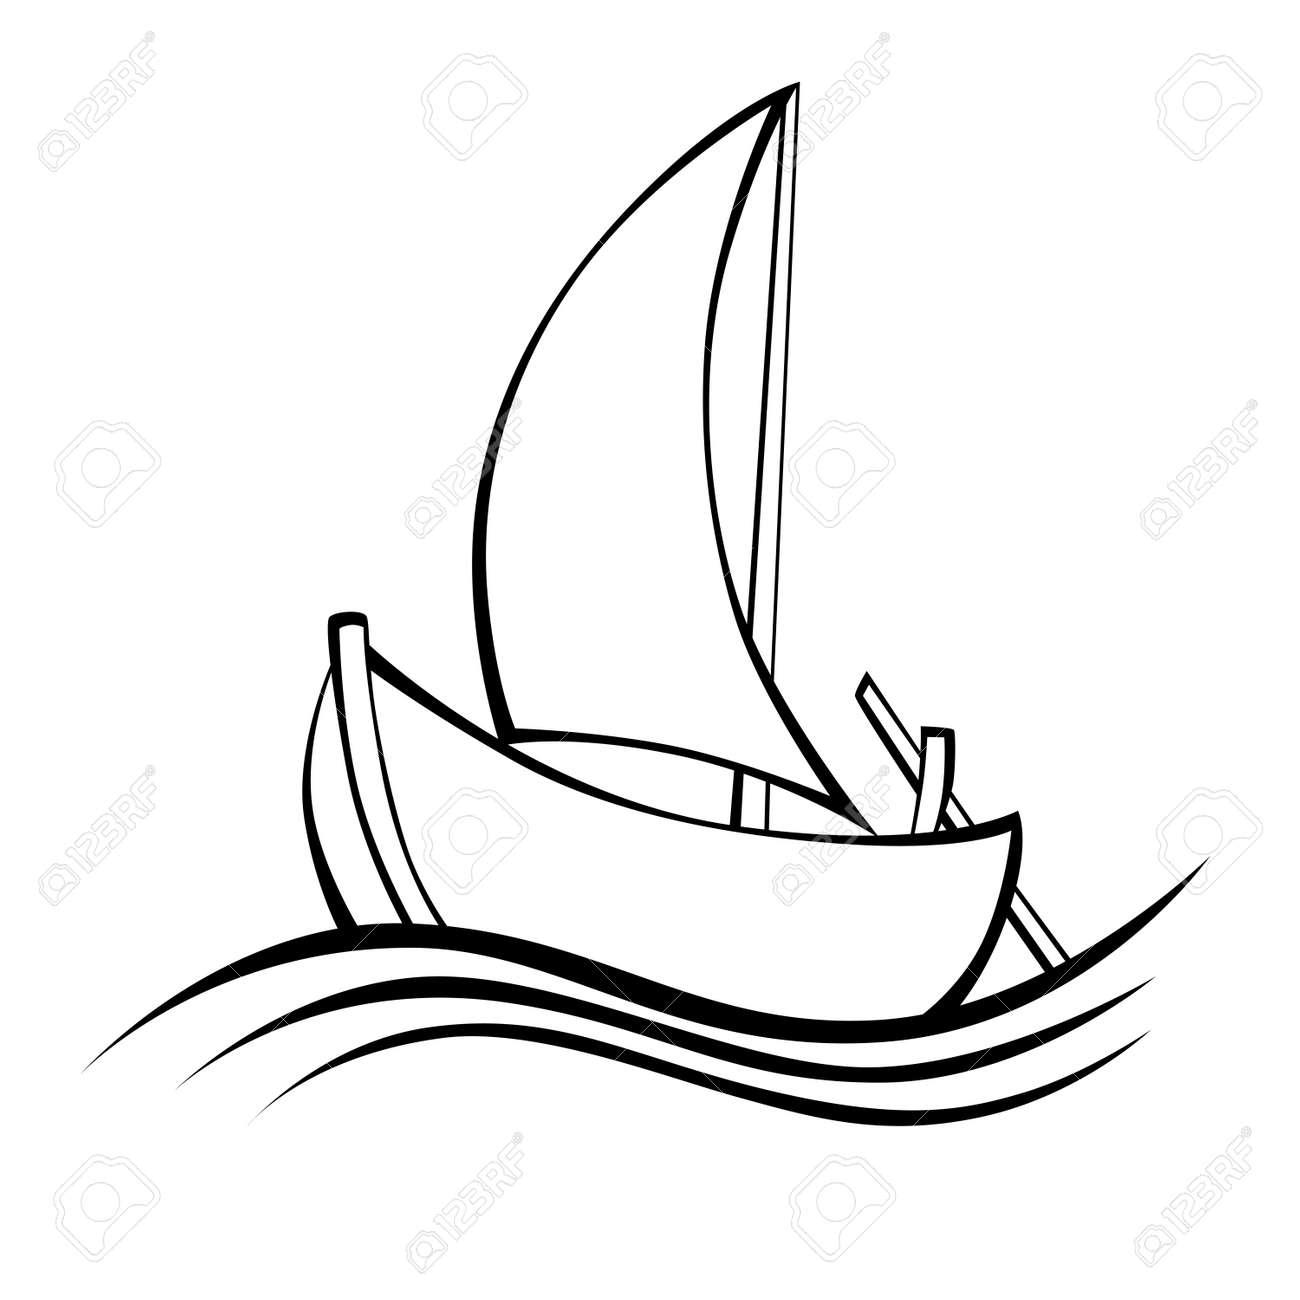 Bateau A Voile Noir Blanc Isole Illustration Objet Clip Art Libres